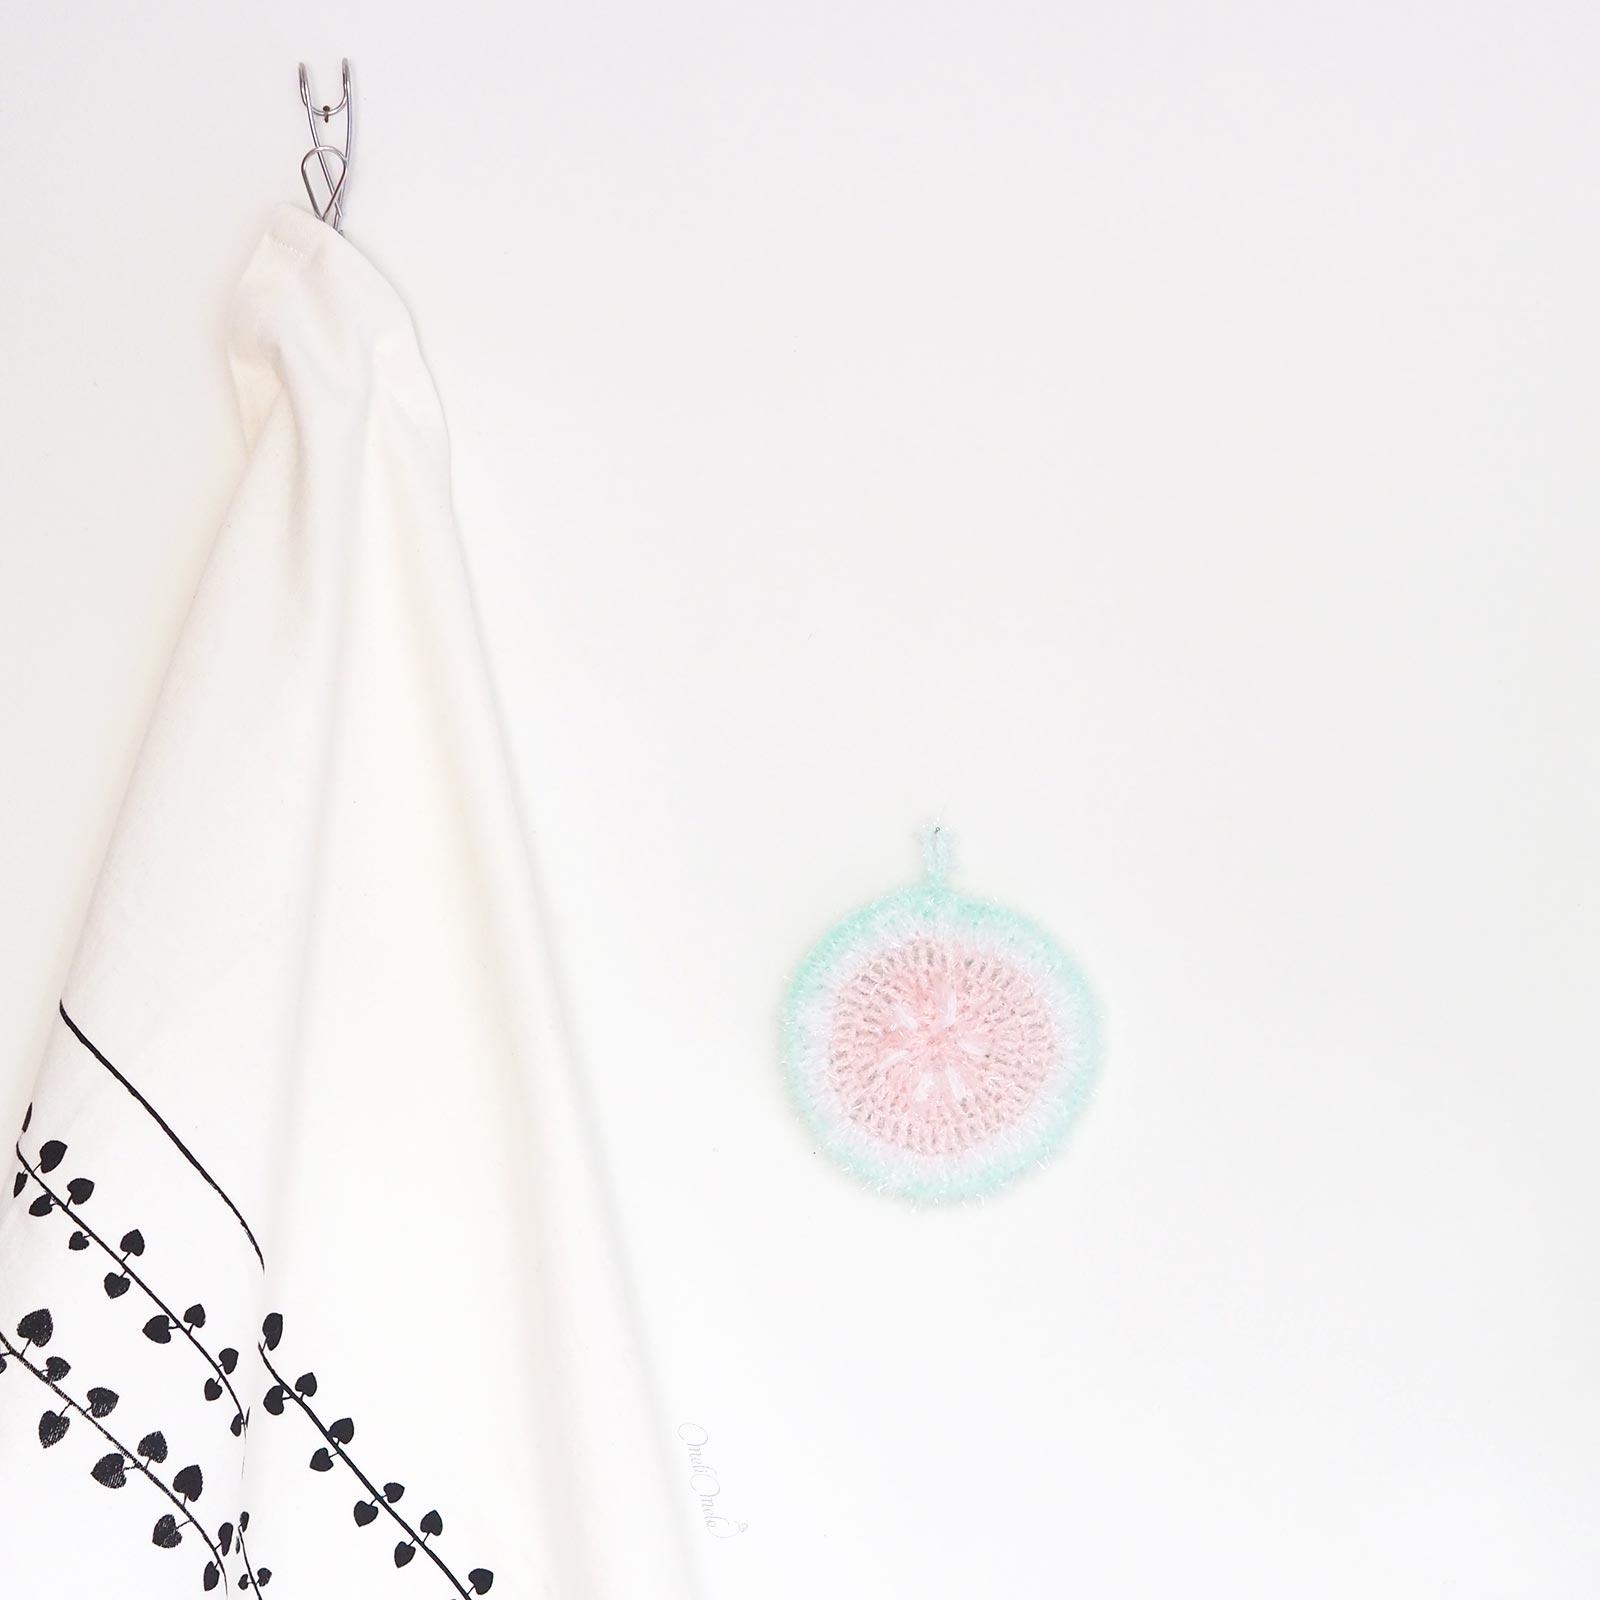 Éponge Tawashi vaisselle ou corps pastèque creative bubble rico design laboutiquedemelimelo